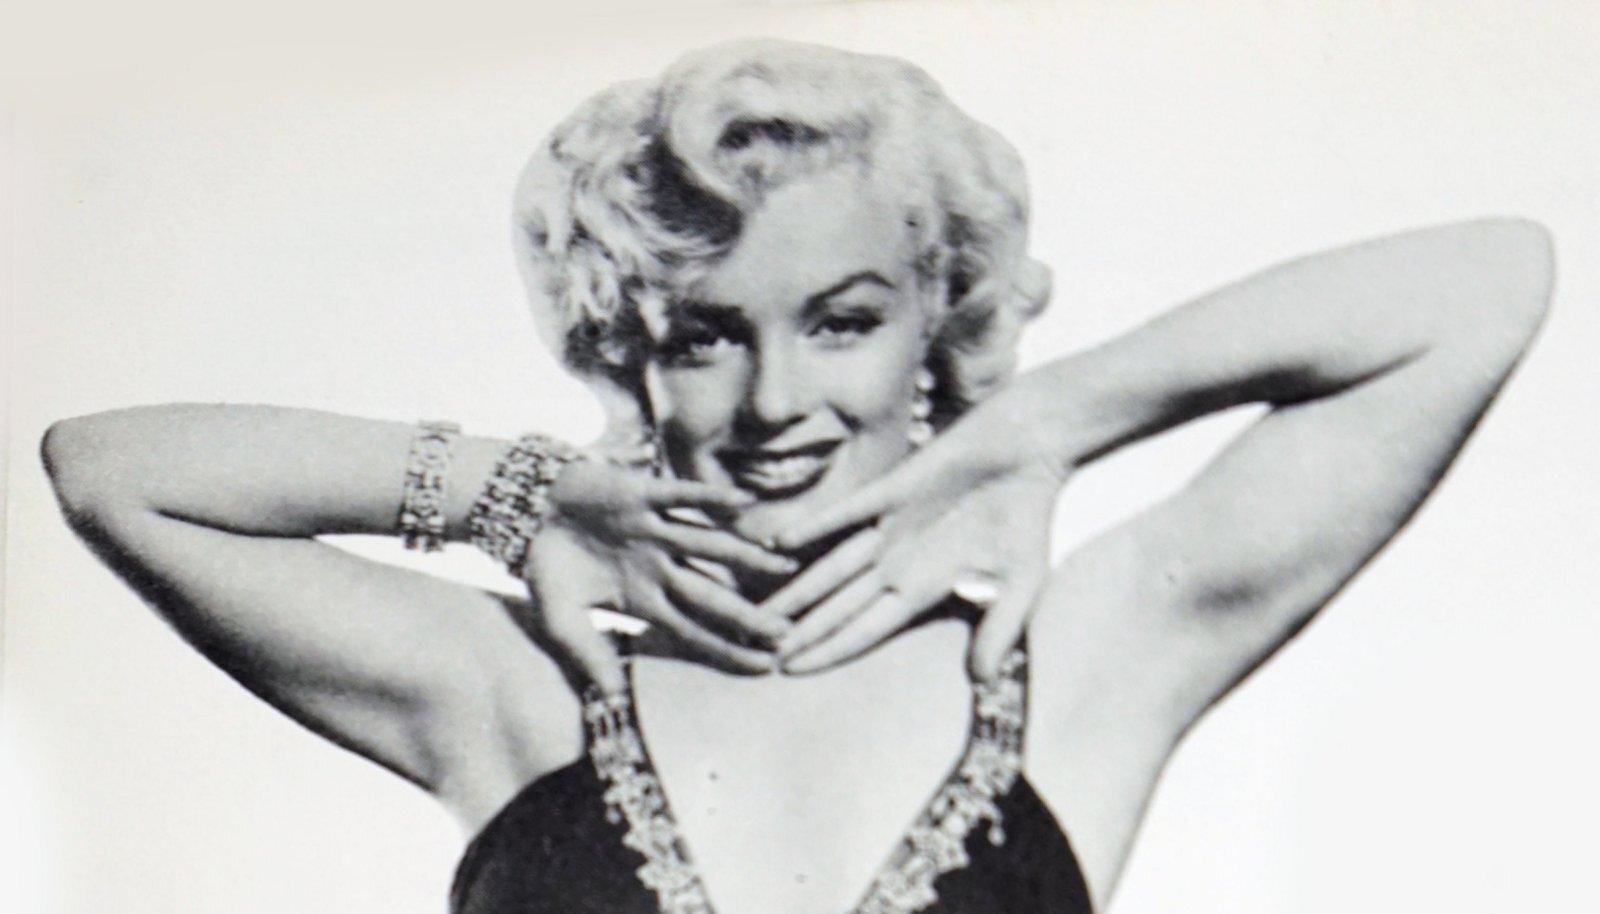 ELAS KIIRELT, SURI NOORELT Marilyn Monroe.